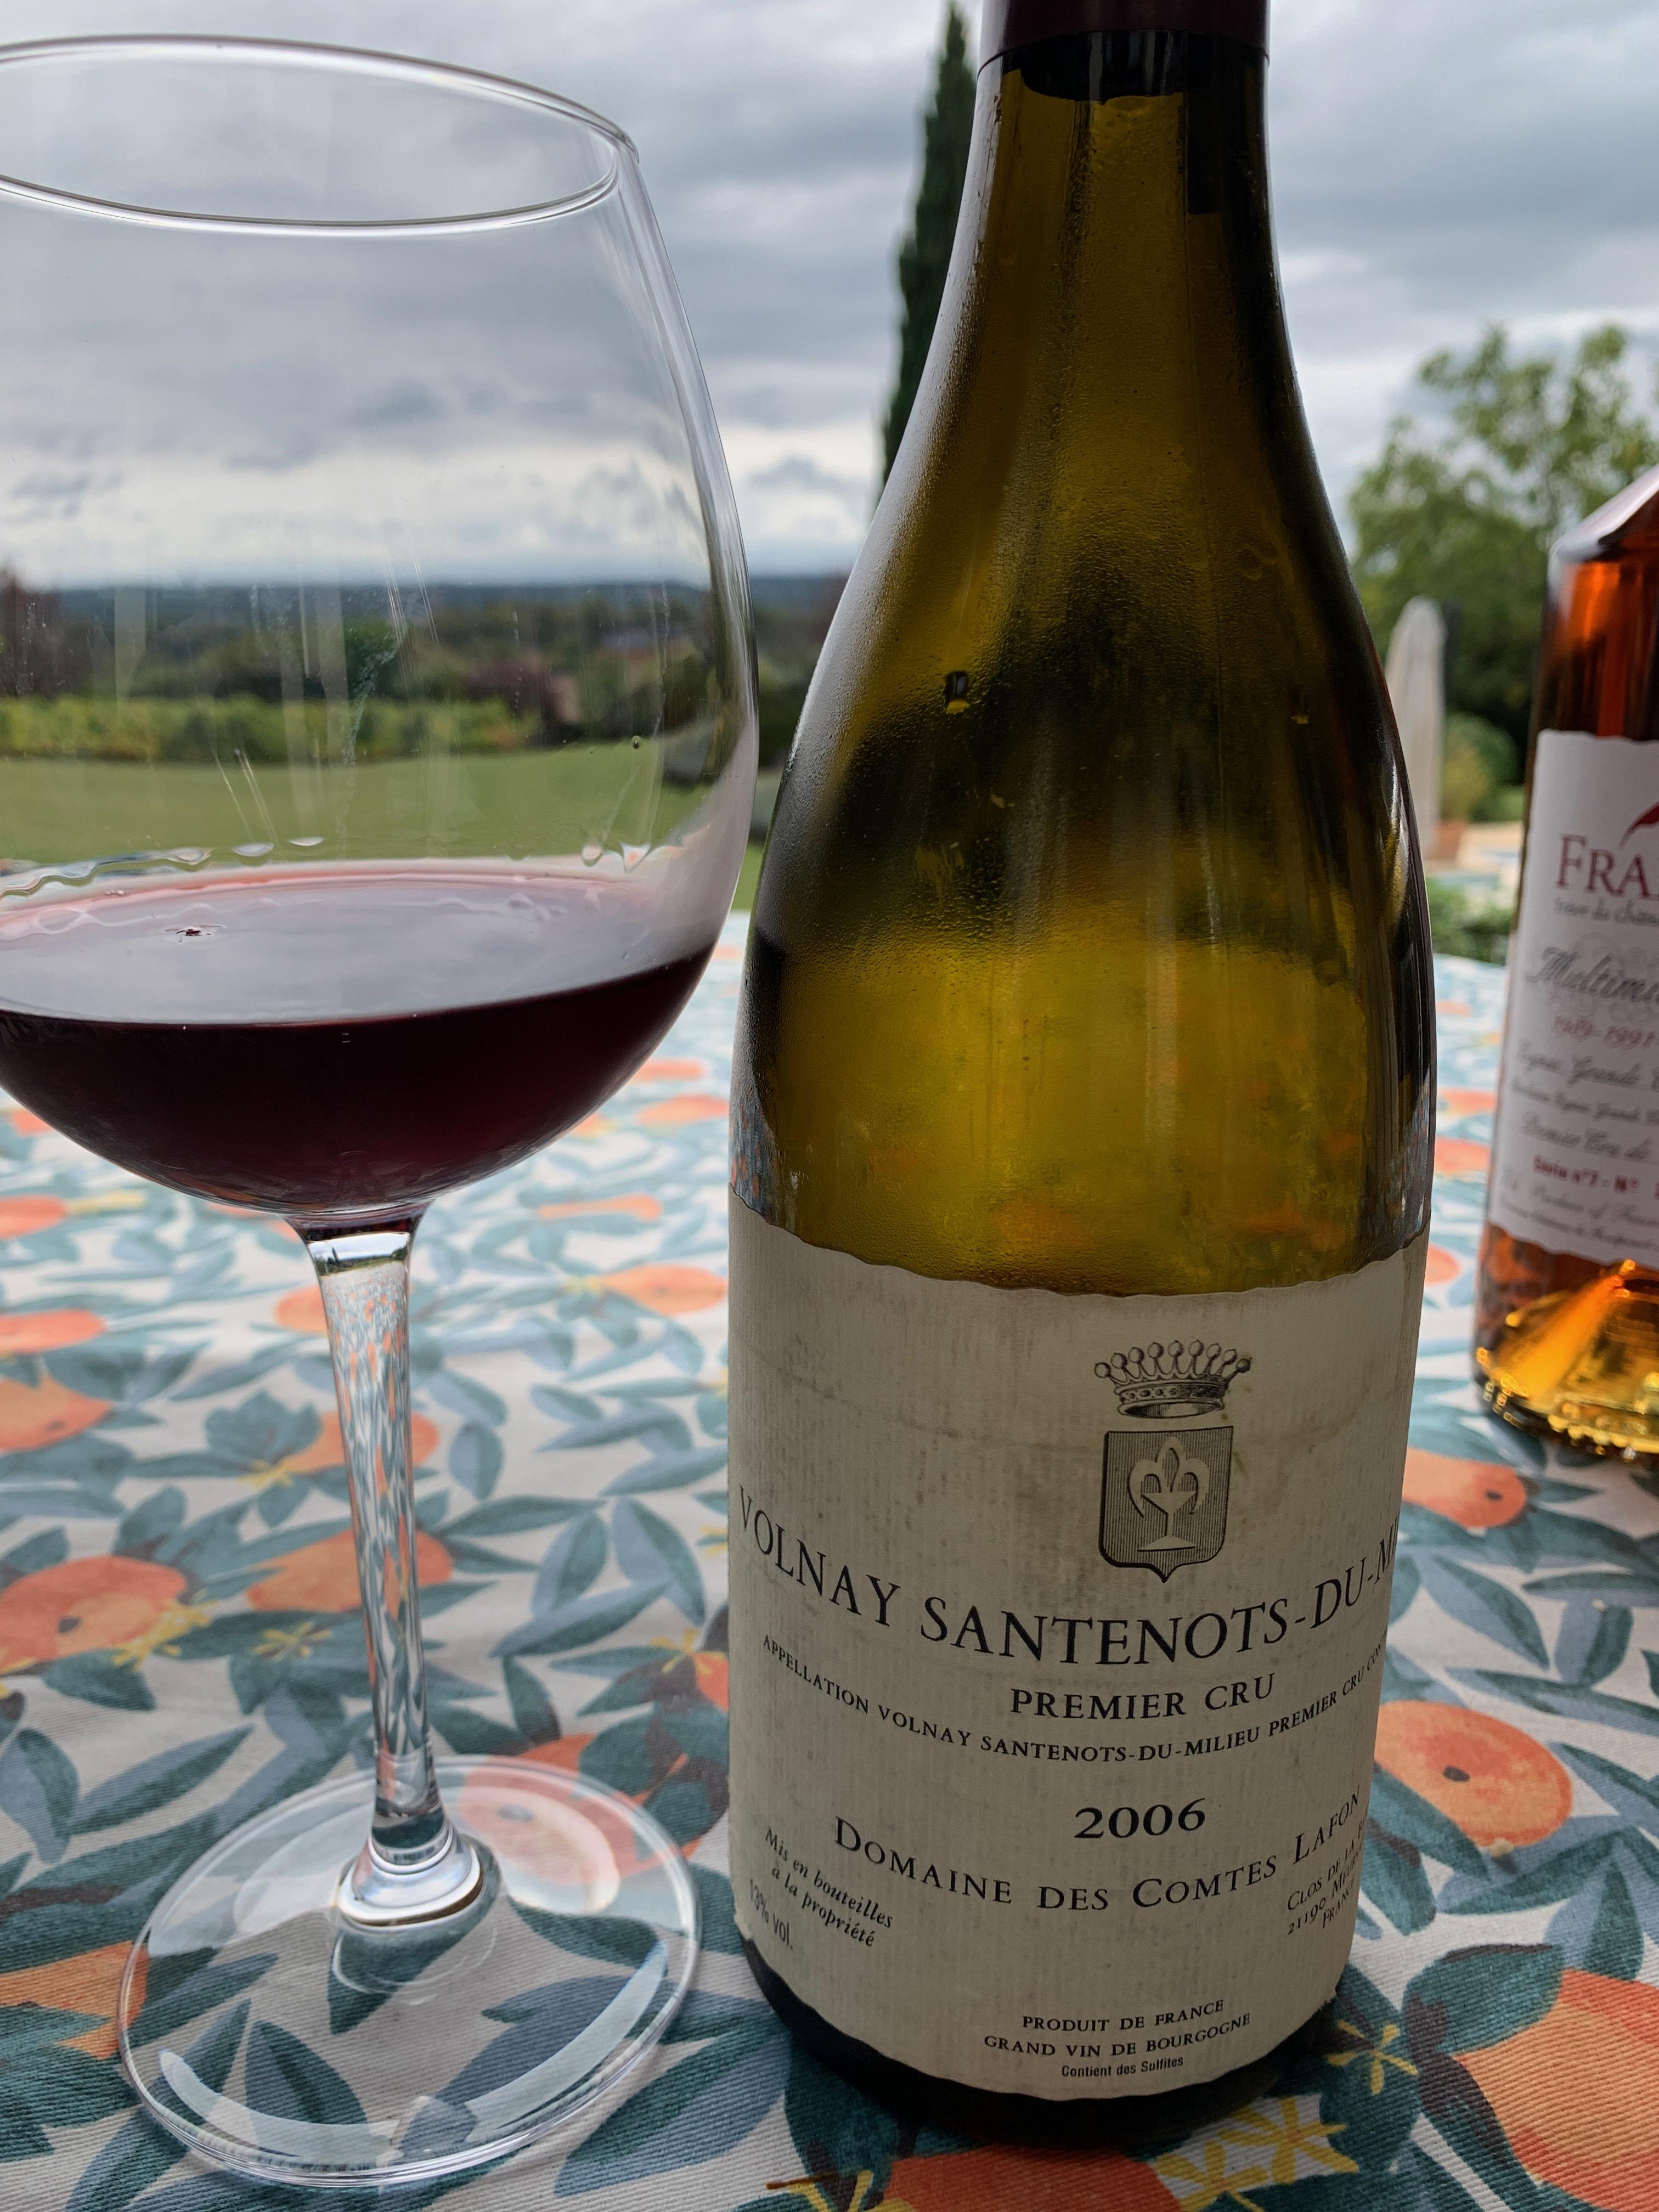 Volnay Santenots-du-Milieu Premier Cru 2006 - Domaine des Comtes Lafon